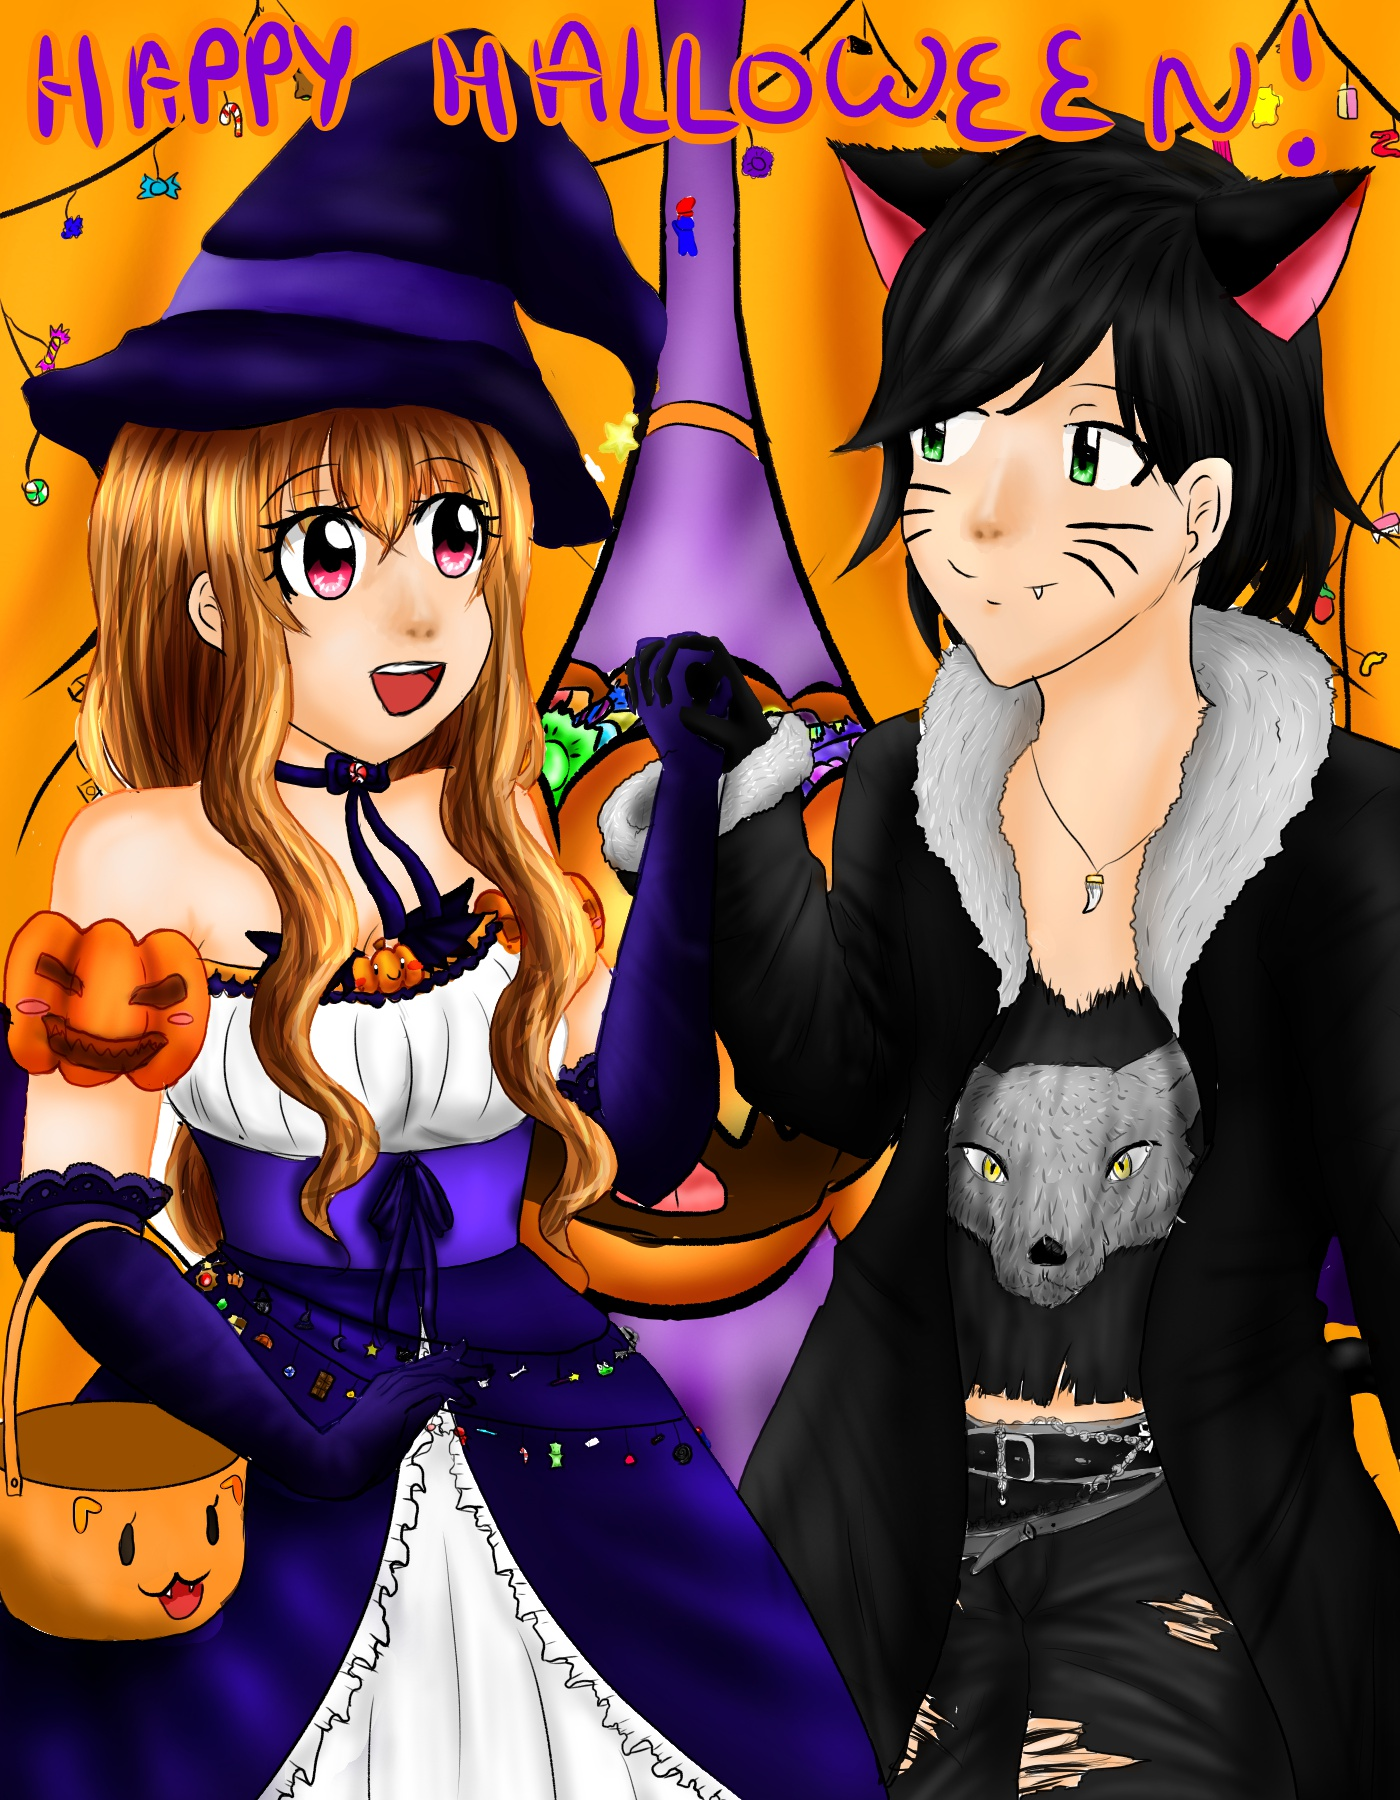 Dessin Happy Halloween de Emethyste